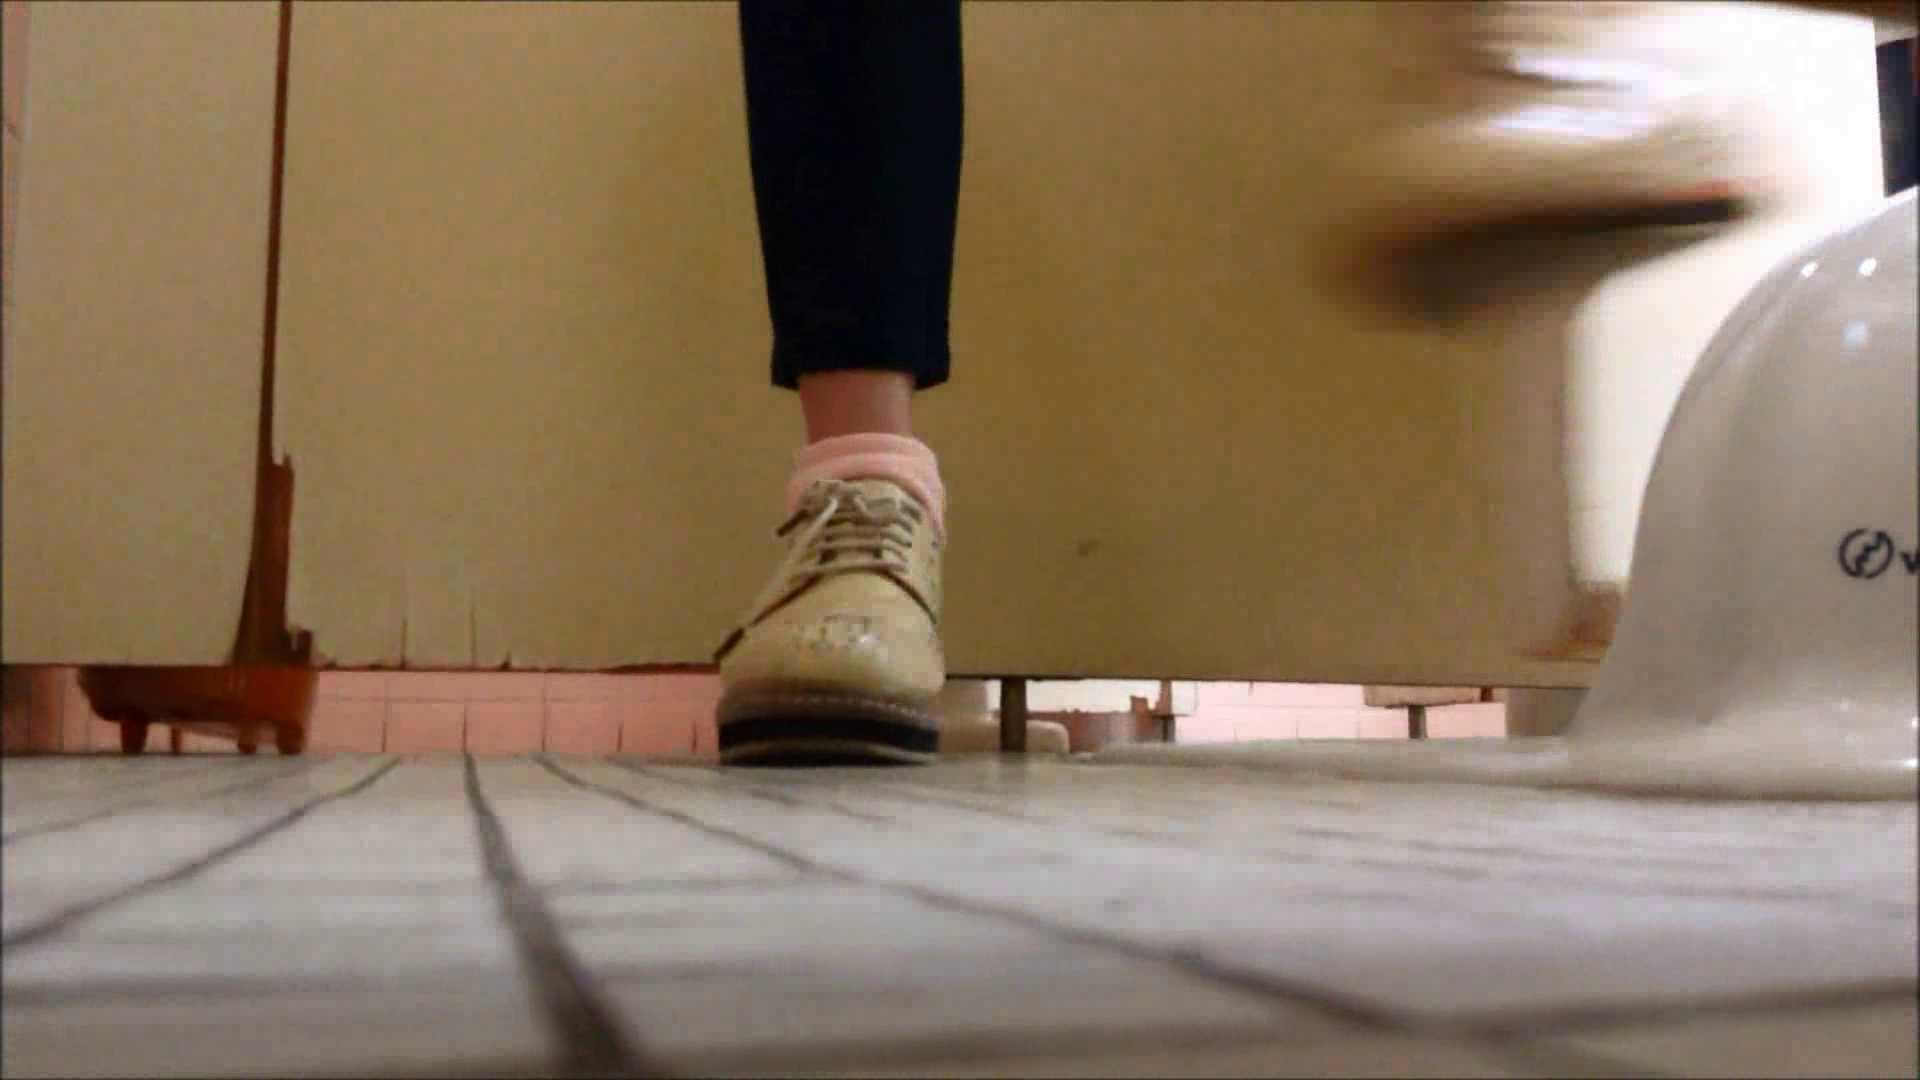 某有名大学女性洗面所 vol.15 和式トイレ AV動画キャプチャ 85pic 83